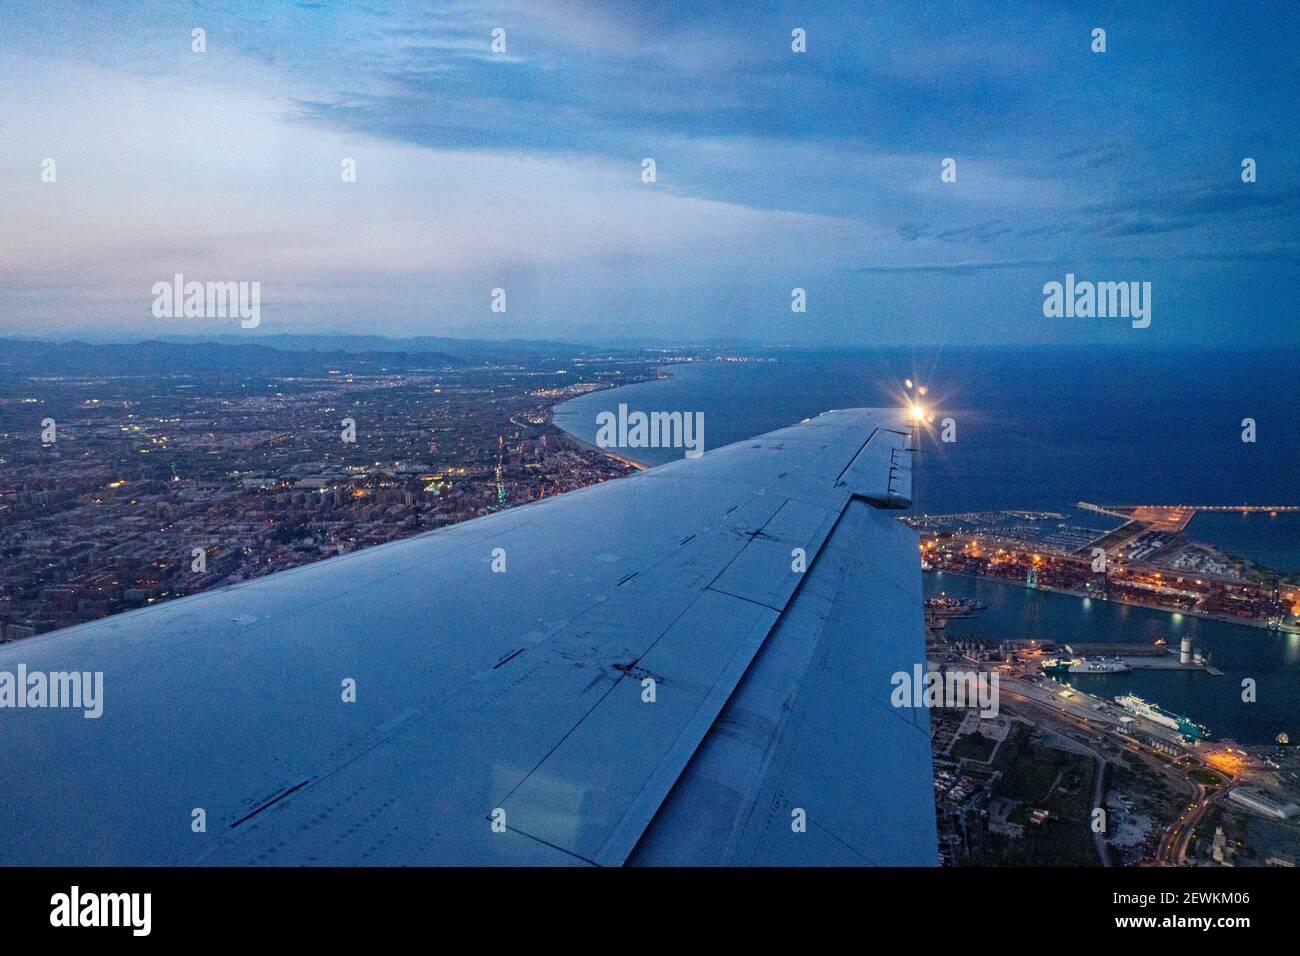 Vol au-dessus de la ville de Valence dans un avion, espagne Banque D'Images